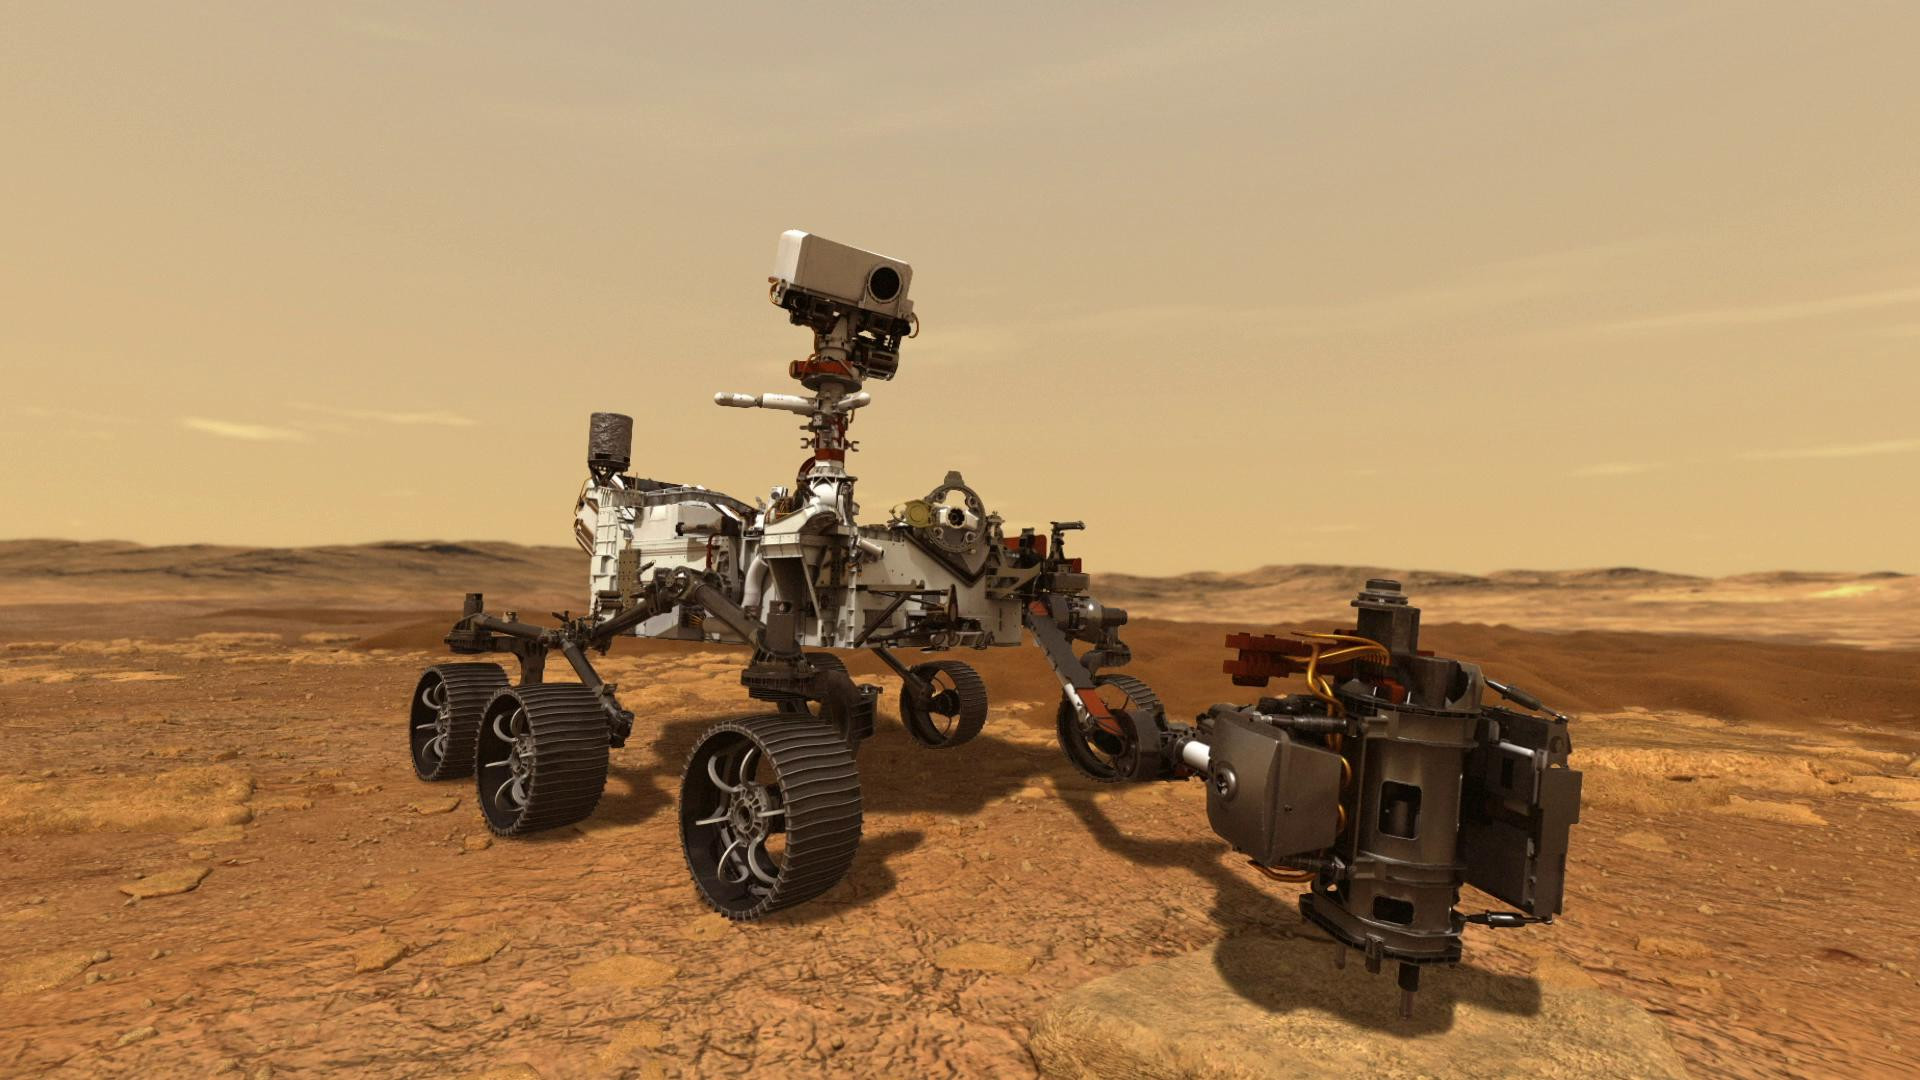 NASA Mars'tan ilk fotoğrafları paylaştı